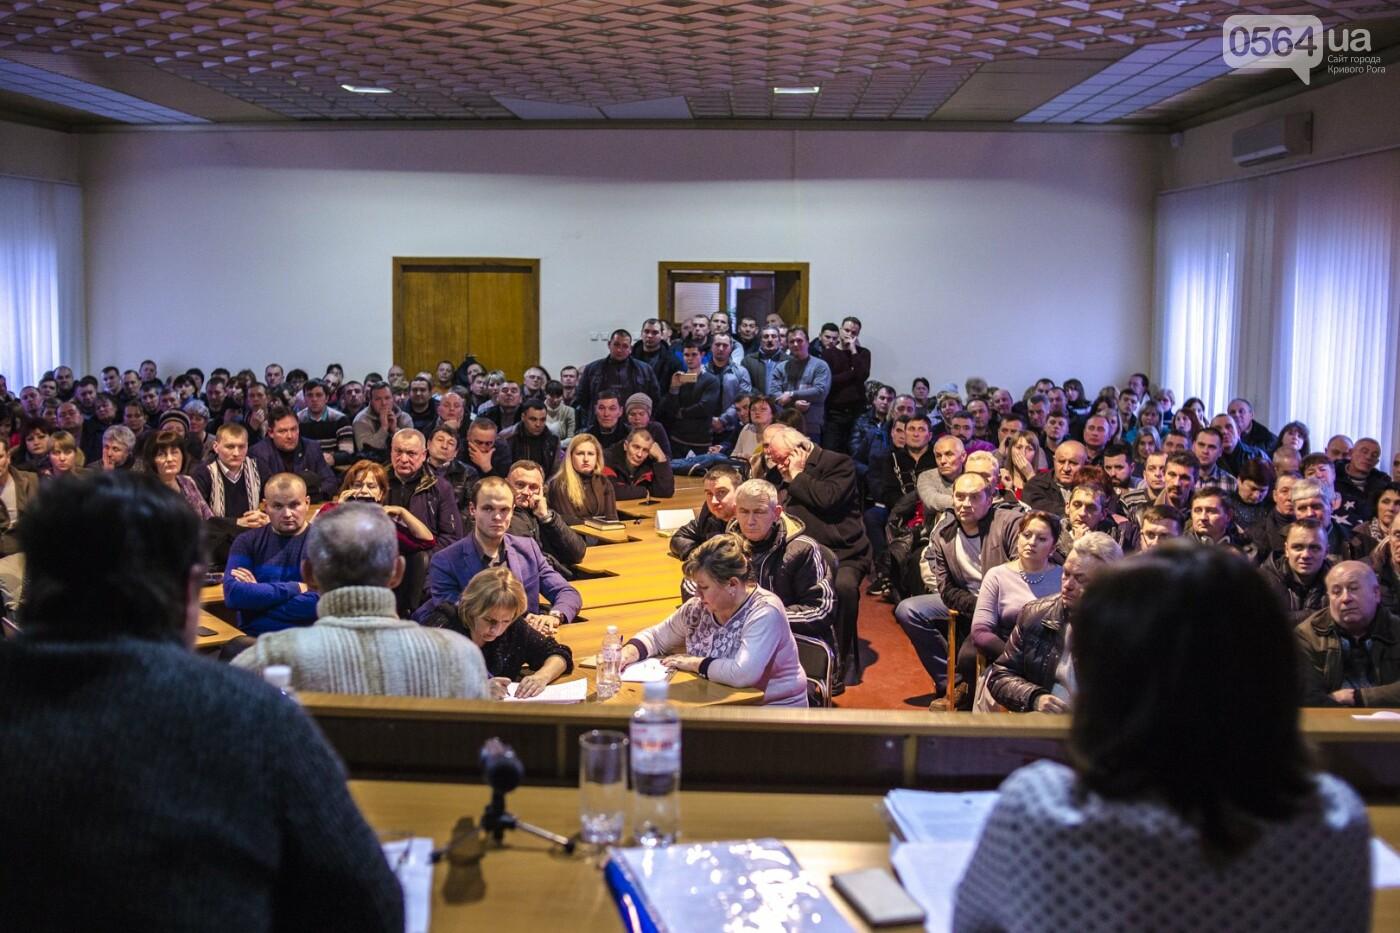 """Работники """"КривбассПВС"""" готовы бороться против рейдерского захвата стратегического госпредприятия (ФОТО, ВИДЕО), фото-18"""